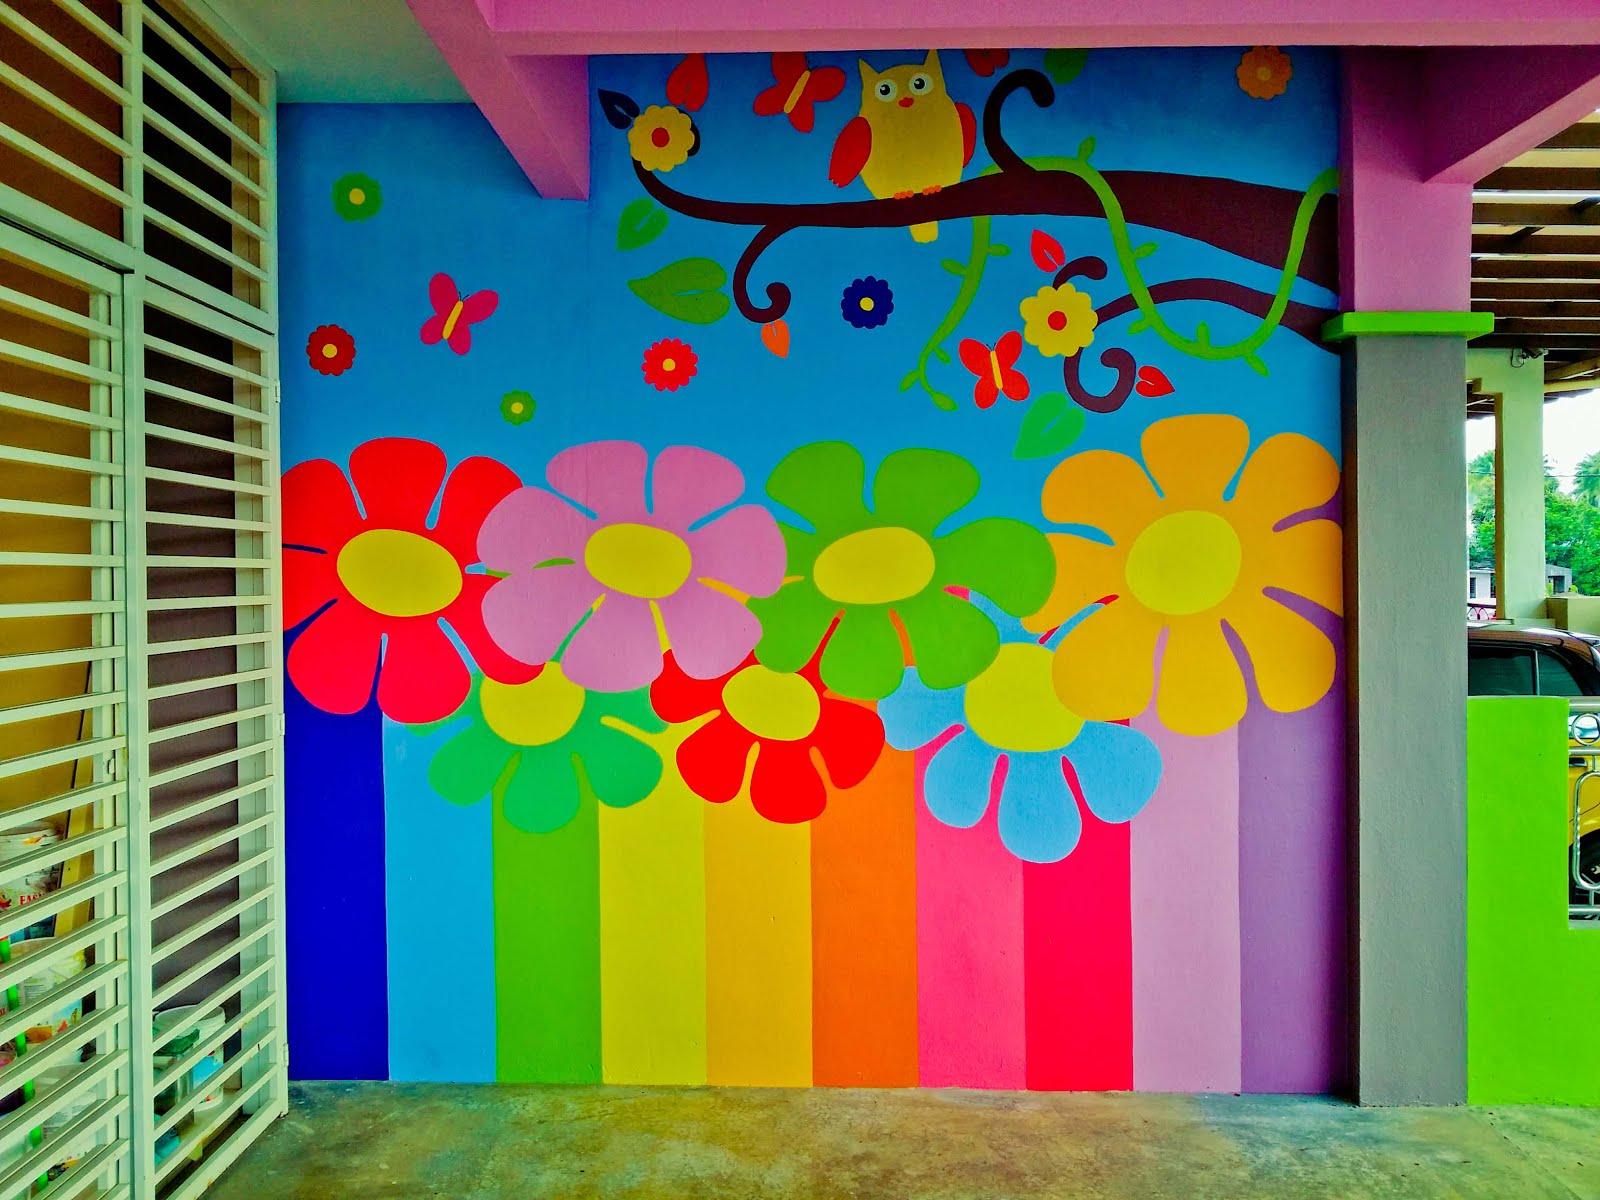 Lukisan Dinding Sekolah Tadika Cikimm Com